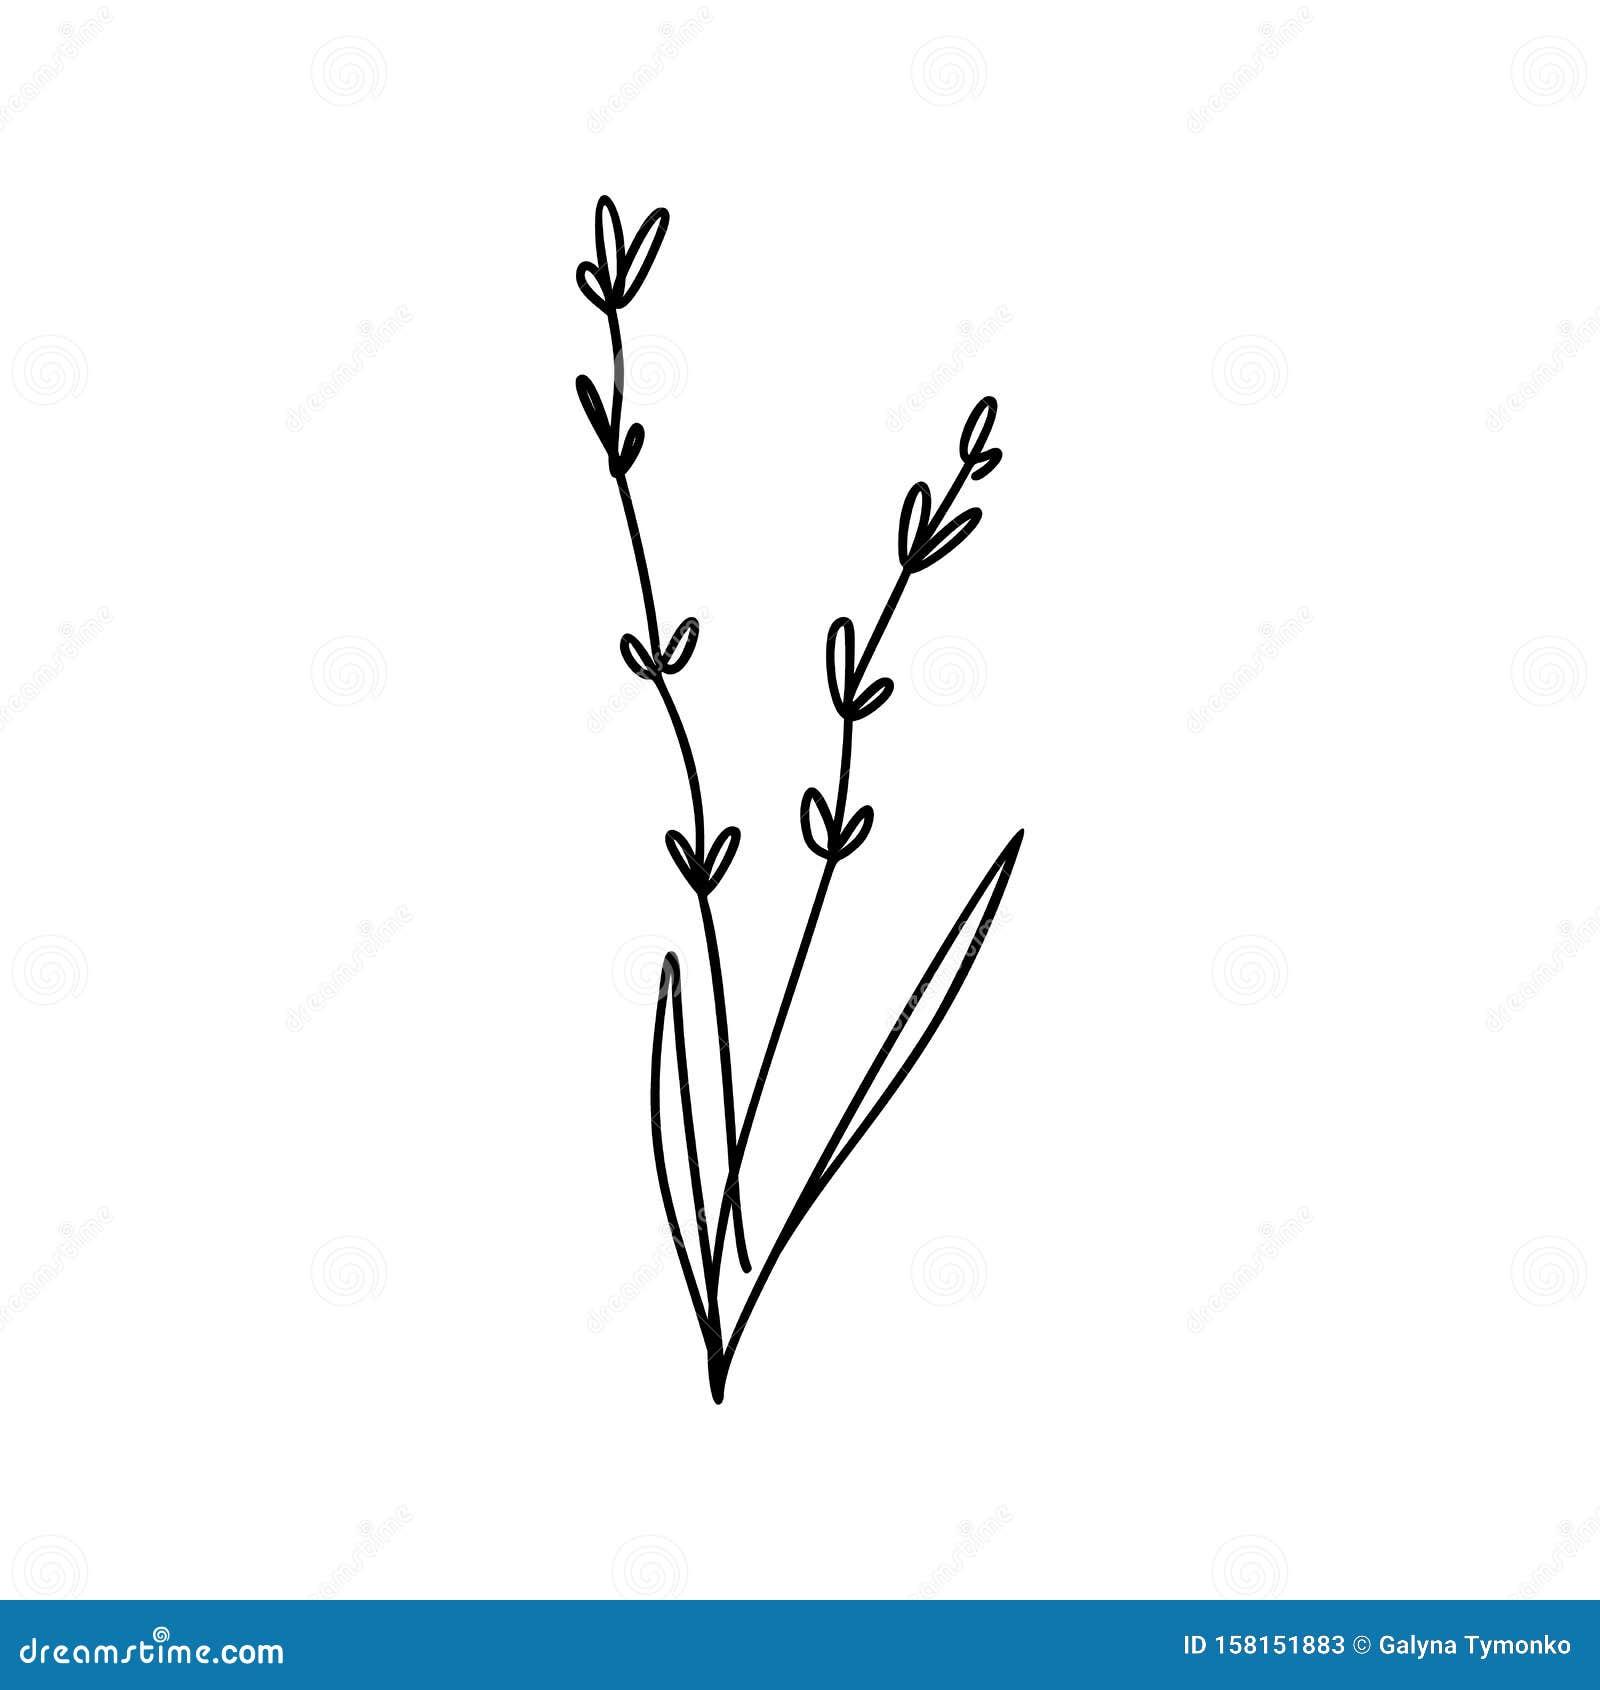 Floral Business Logotypes: Vector Floral Lavender Hand Drawn Logo Element In Elegant